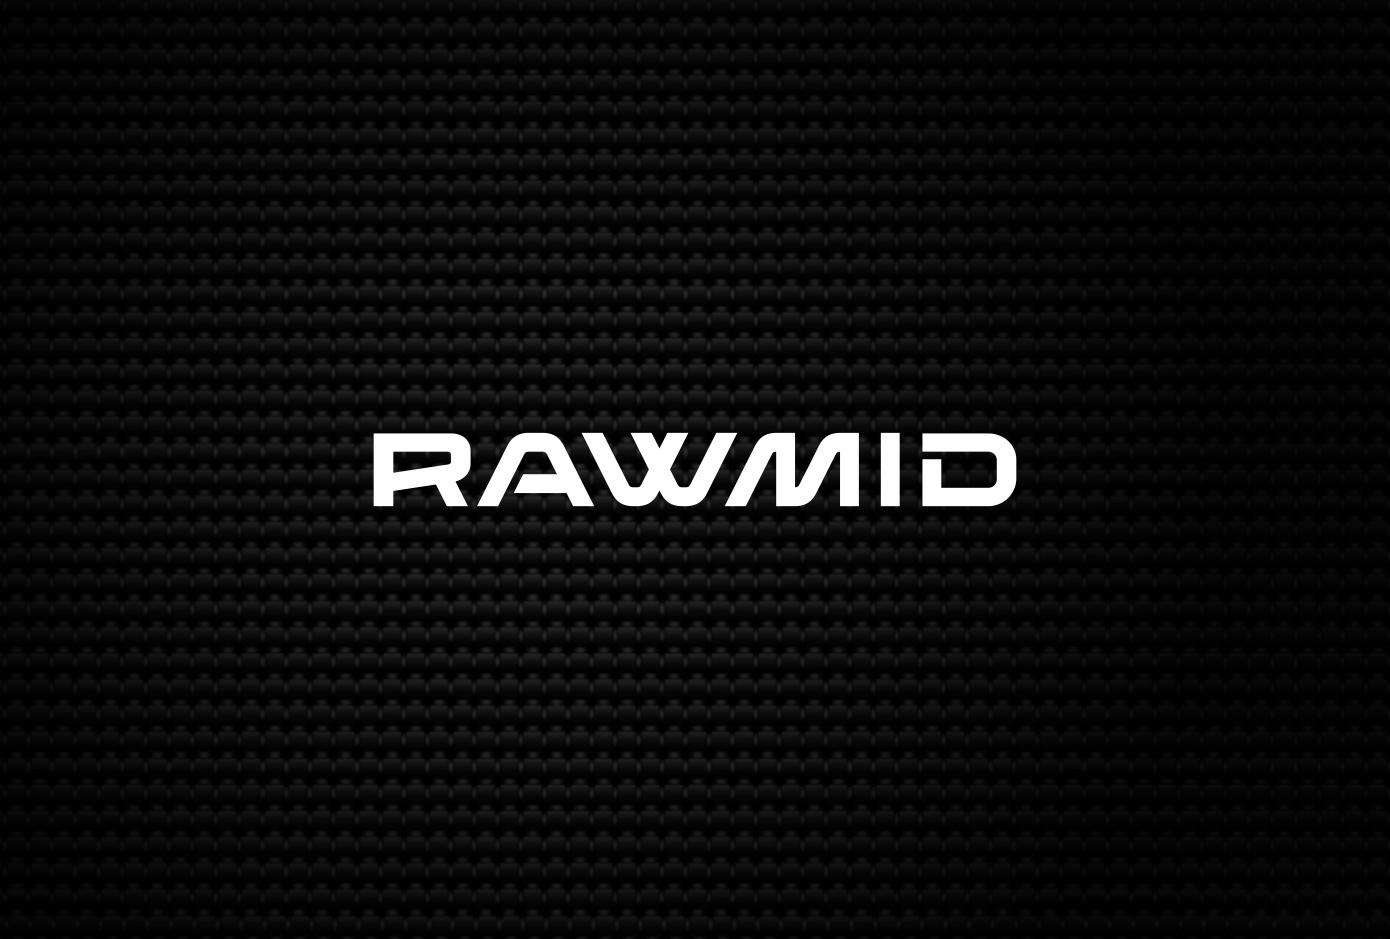 Создать логотип (буквенная часть) для бренда бытовой техники фото f_7635b3797fb5bc5c.png